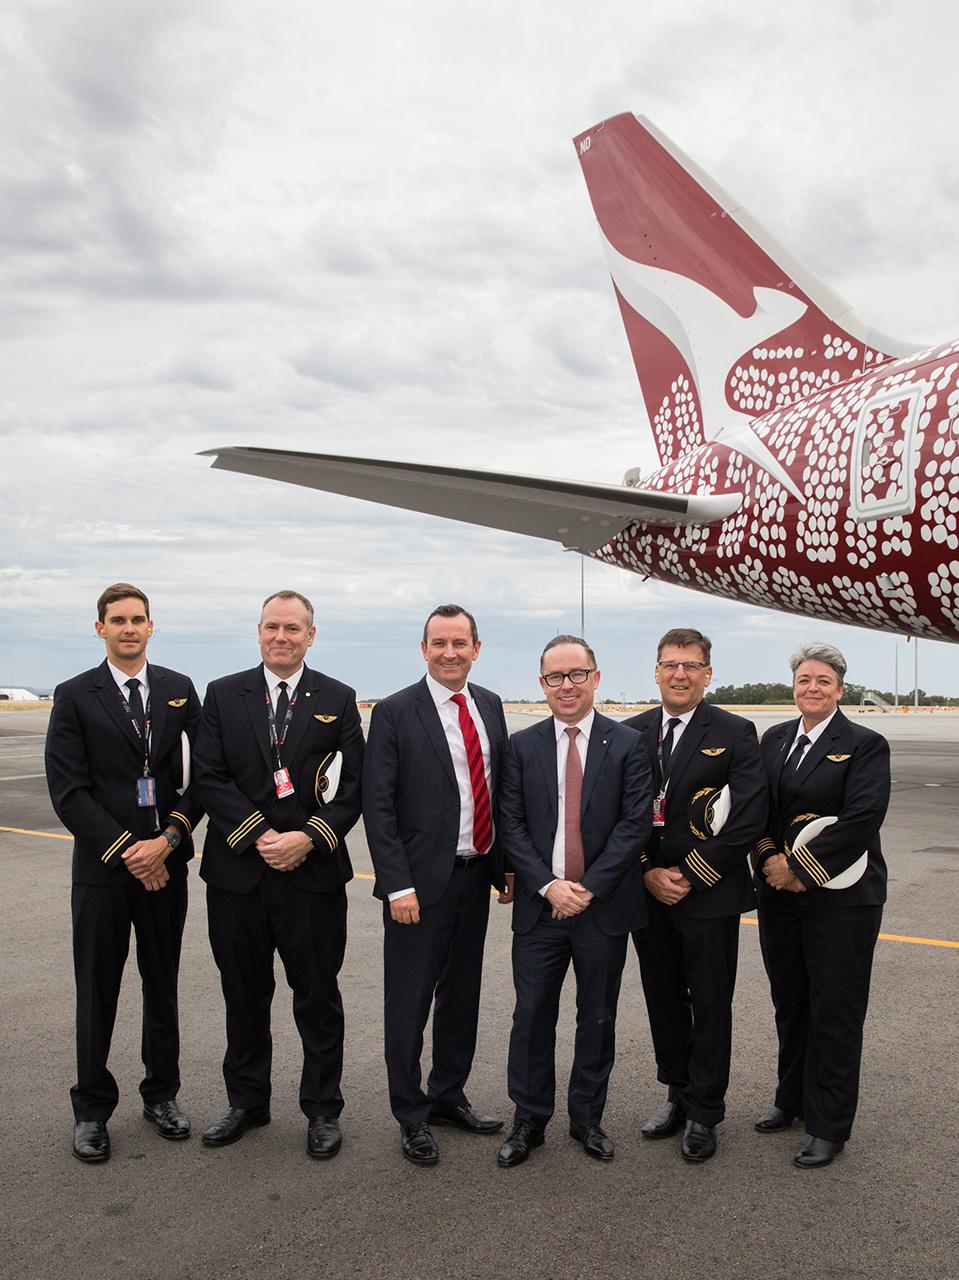 Qantas London to Perth